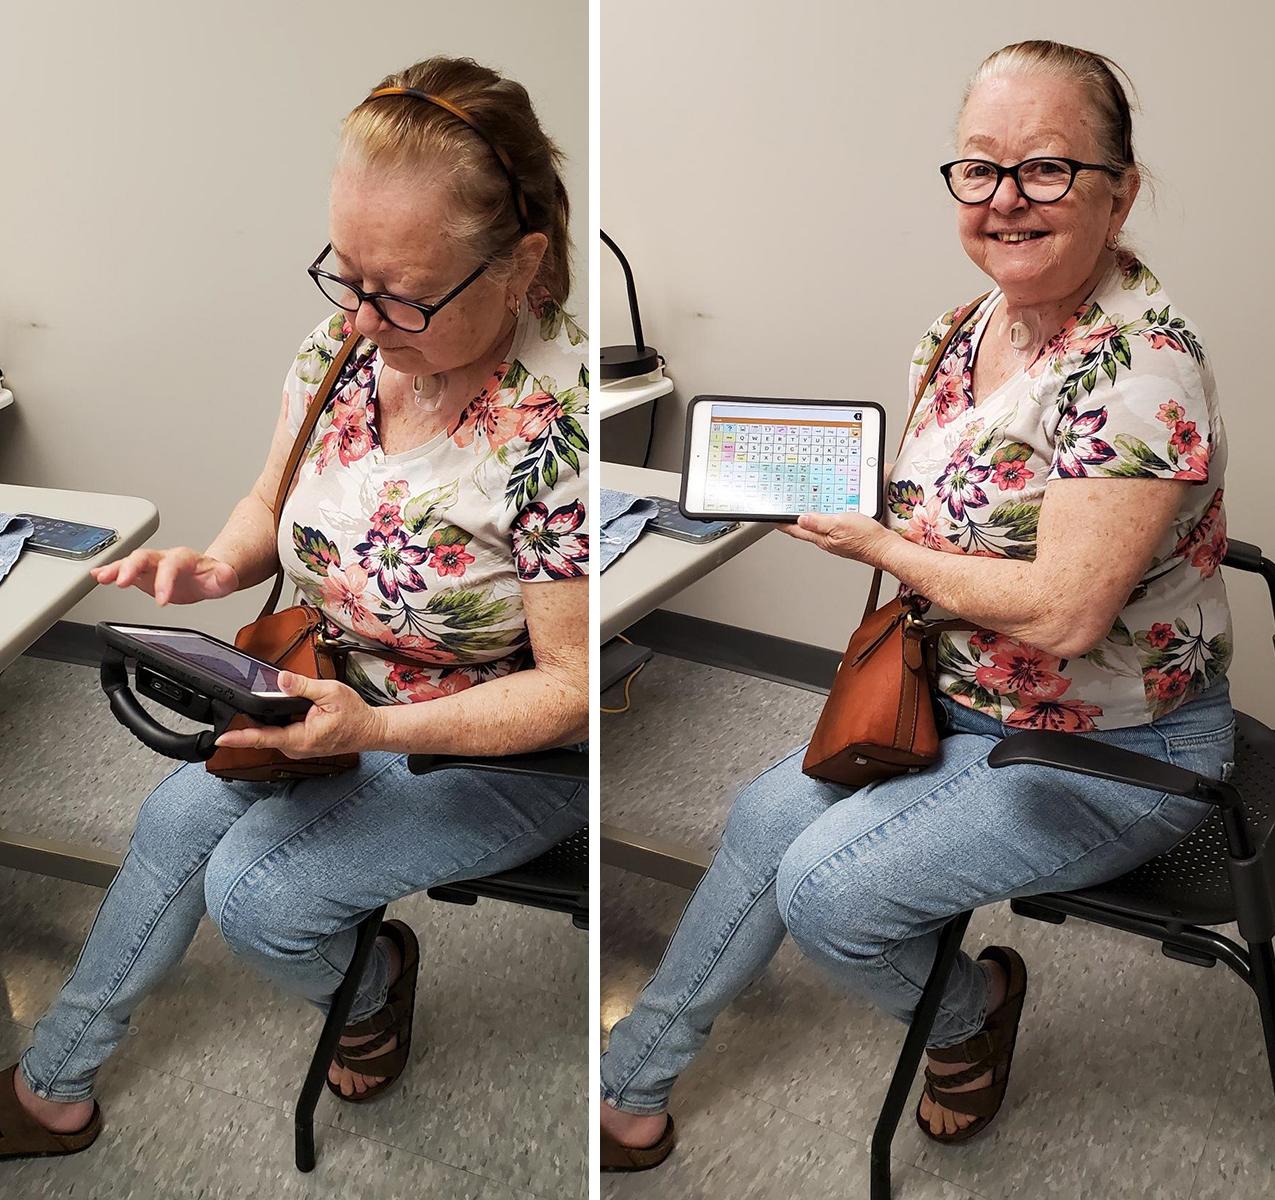 Eliane using her communication device